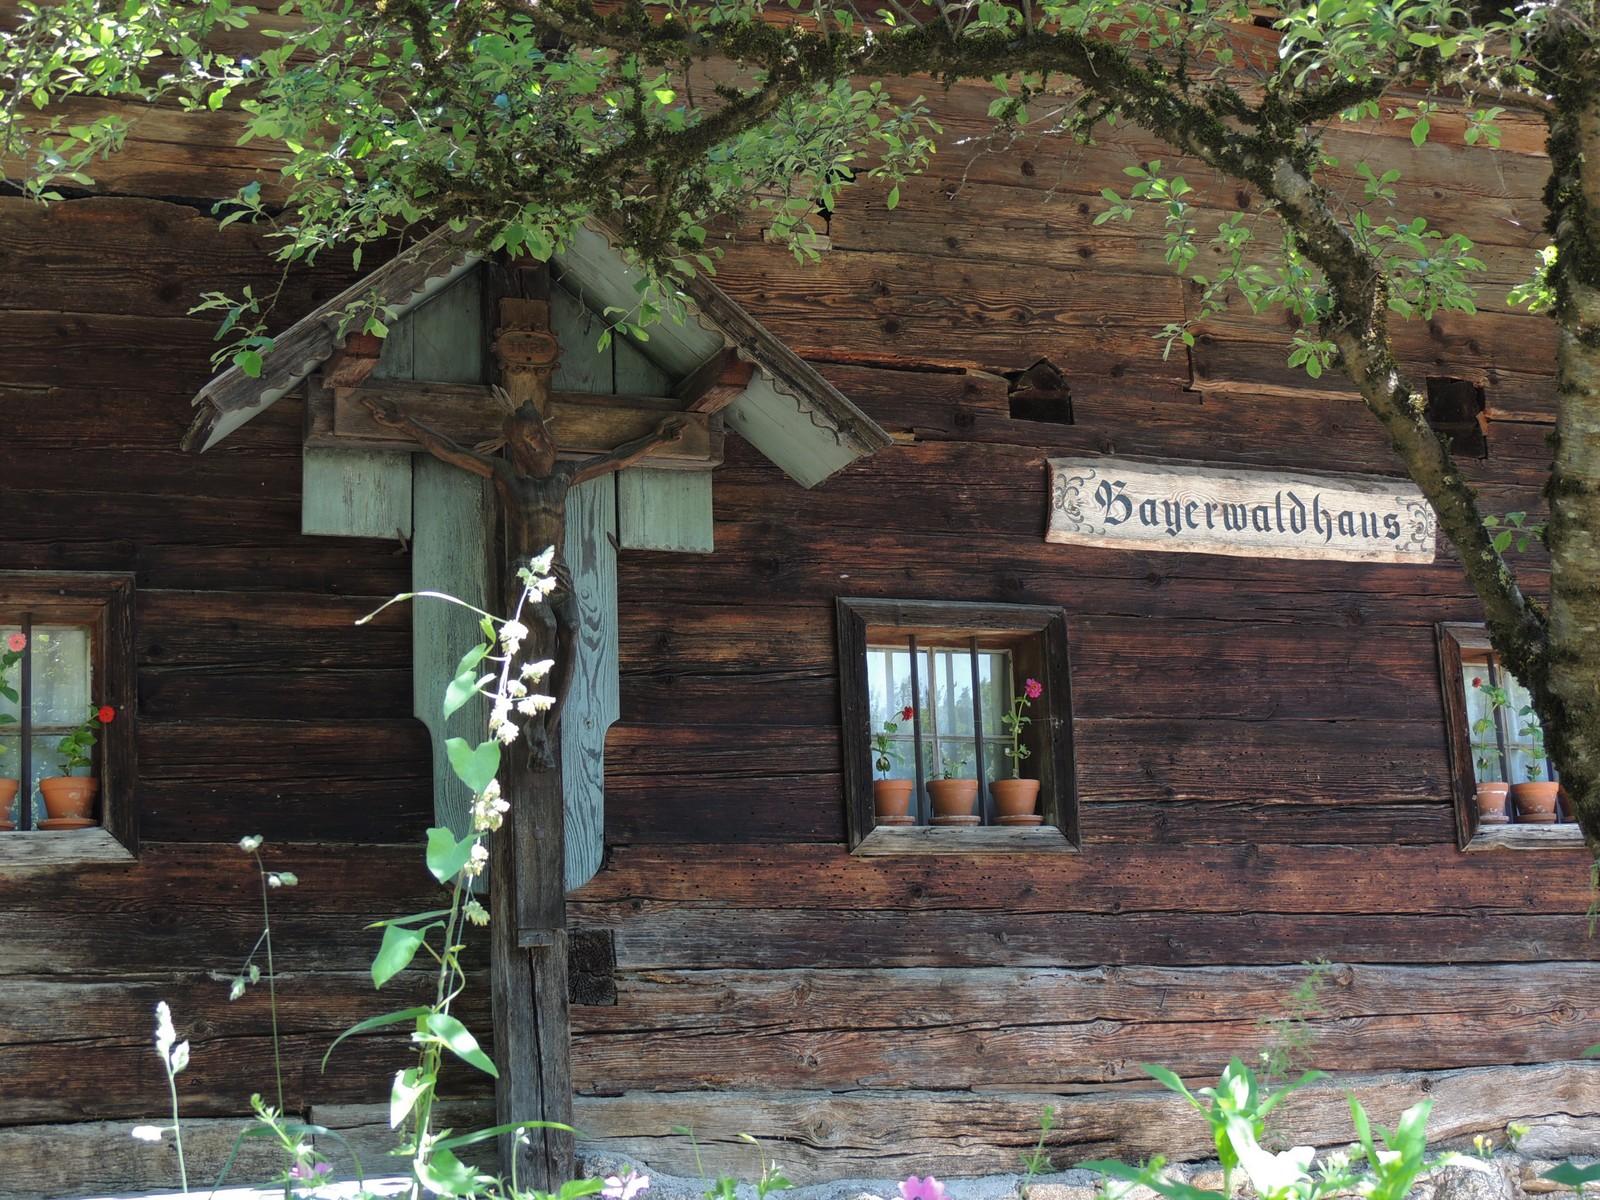 Bayerwaldhaus - Westpark München